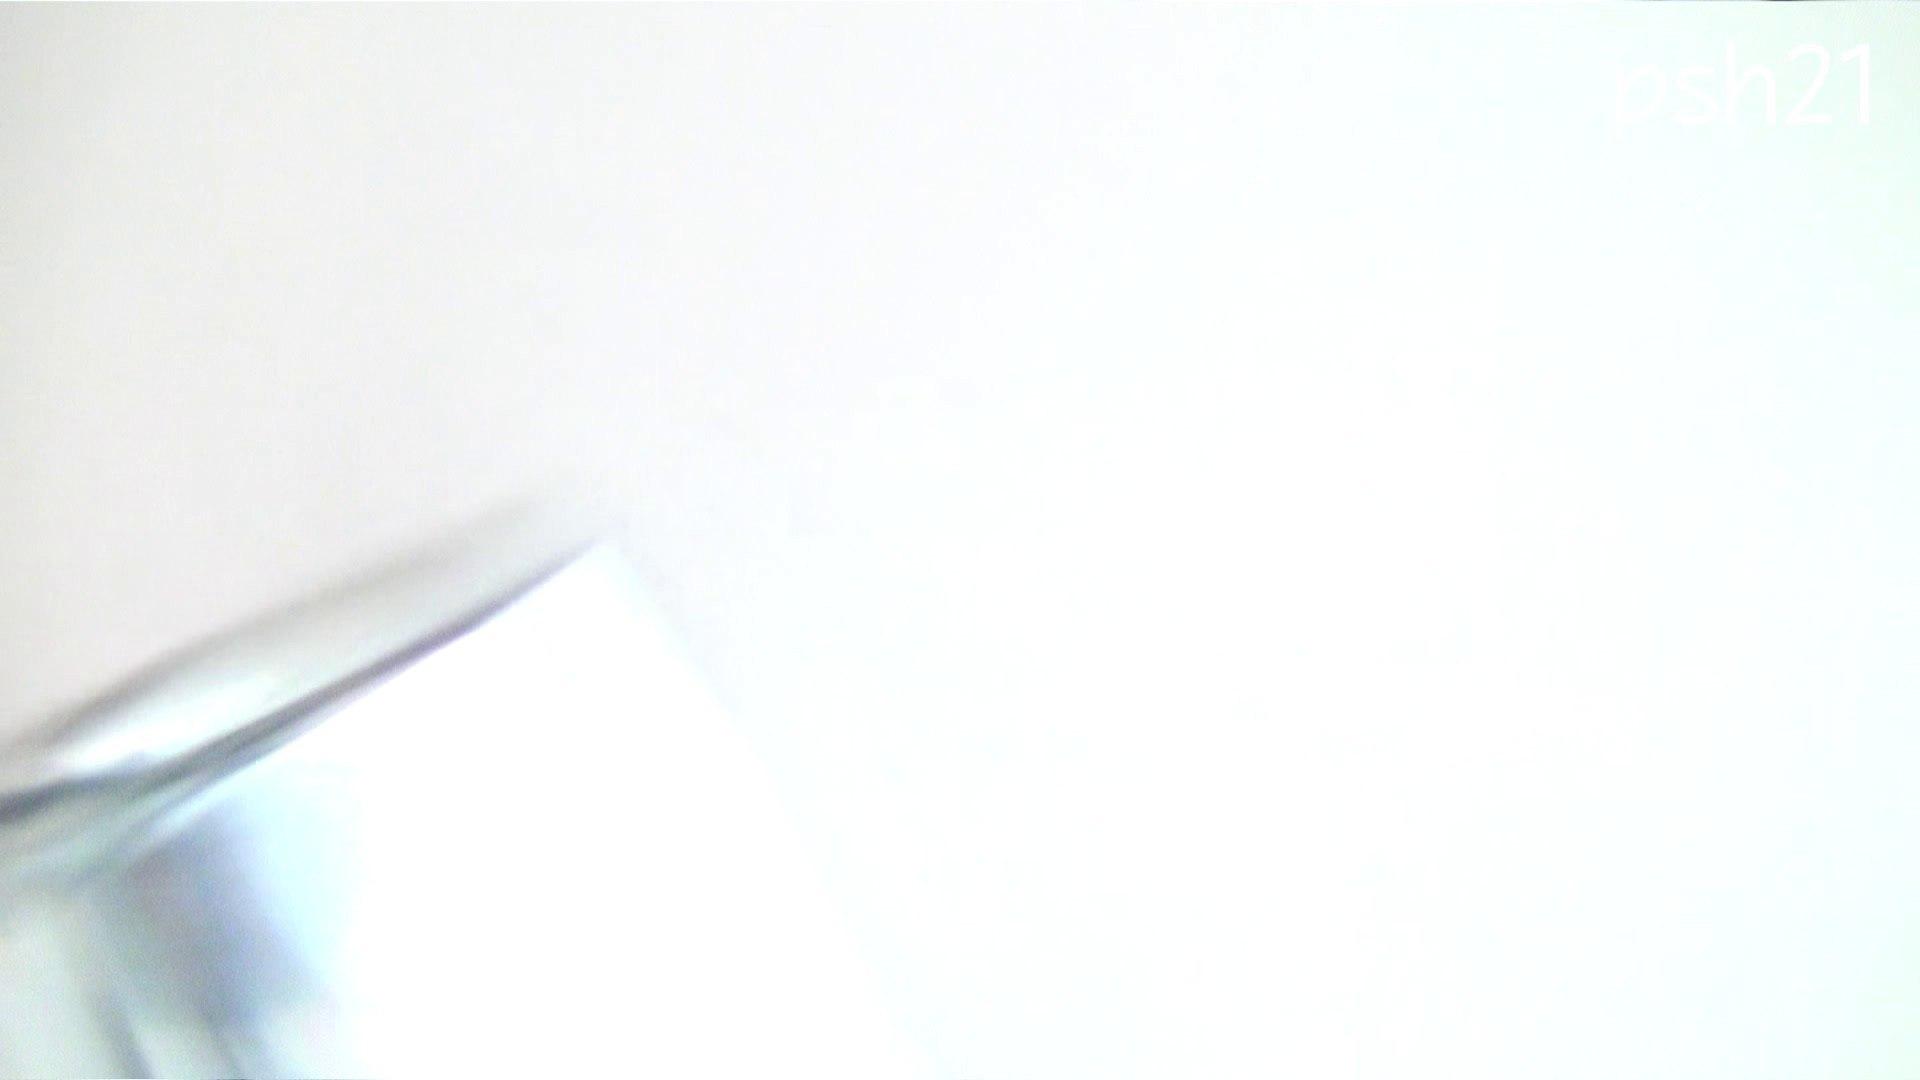 ▲復活限定▲ハイビジョン 盗神伝 Vol.21 OLの実態  103pic 100